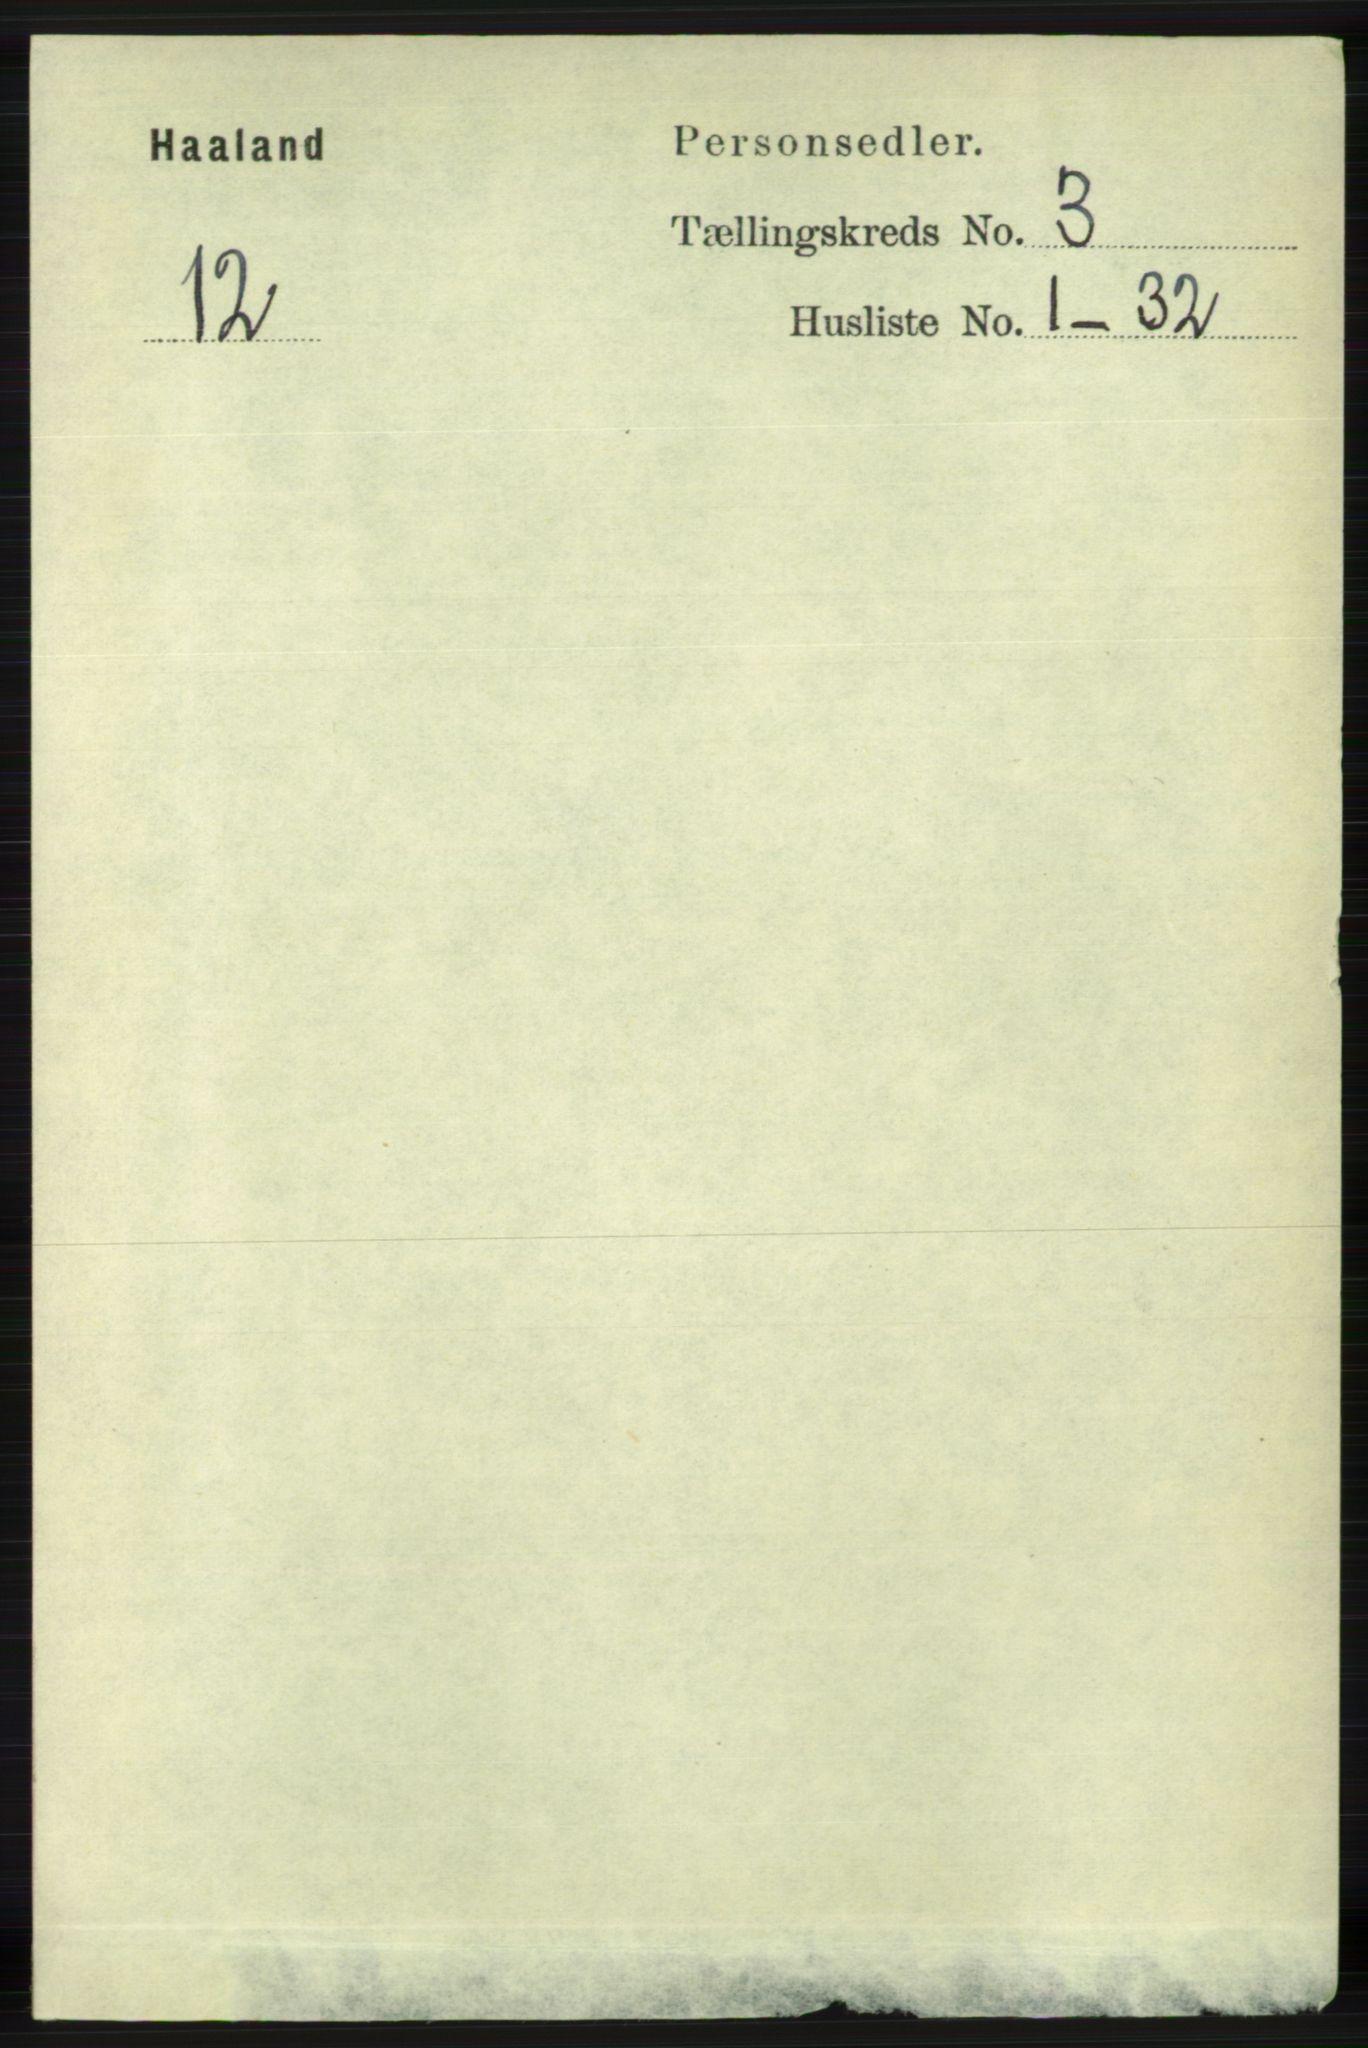 RA, Folketelling 1891 for 1124 Haaland herred, 1891, s. 1704